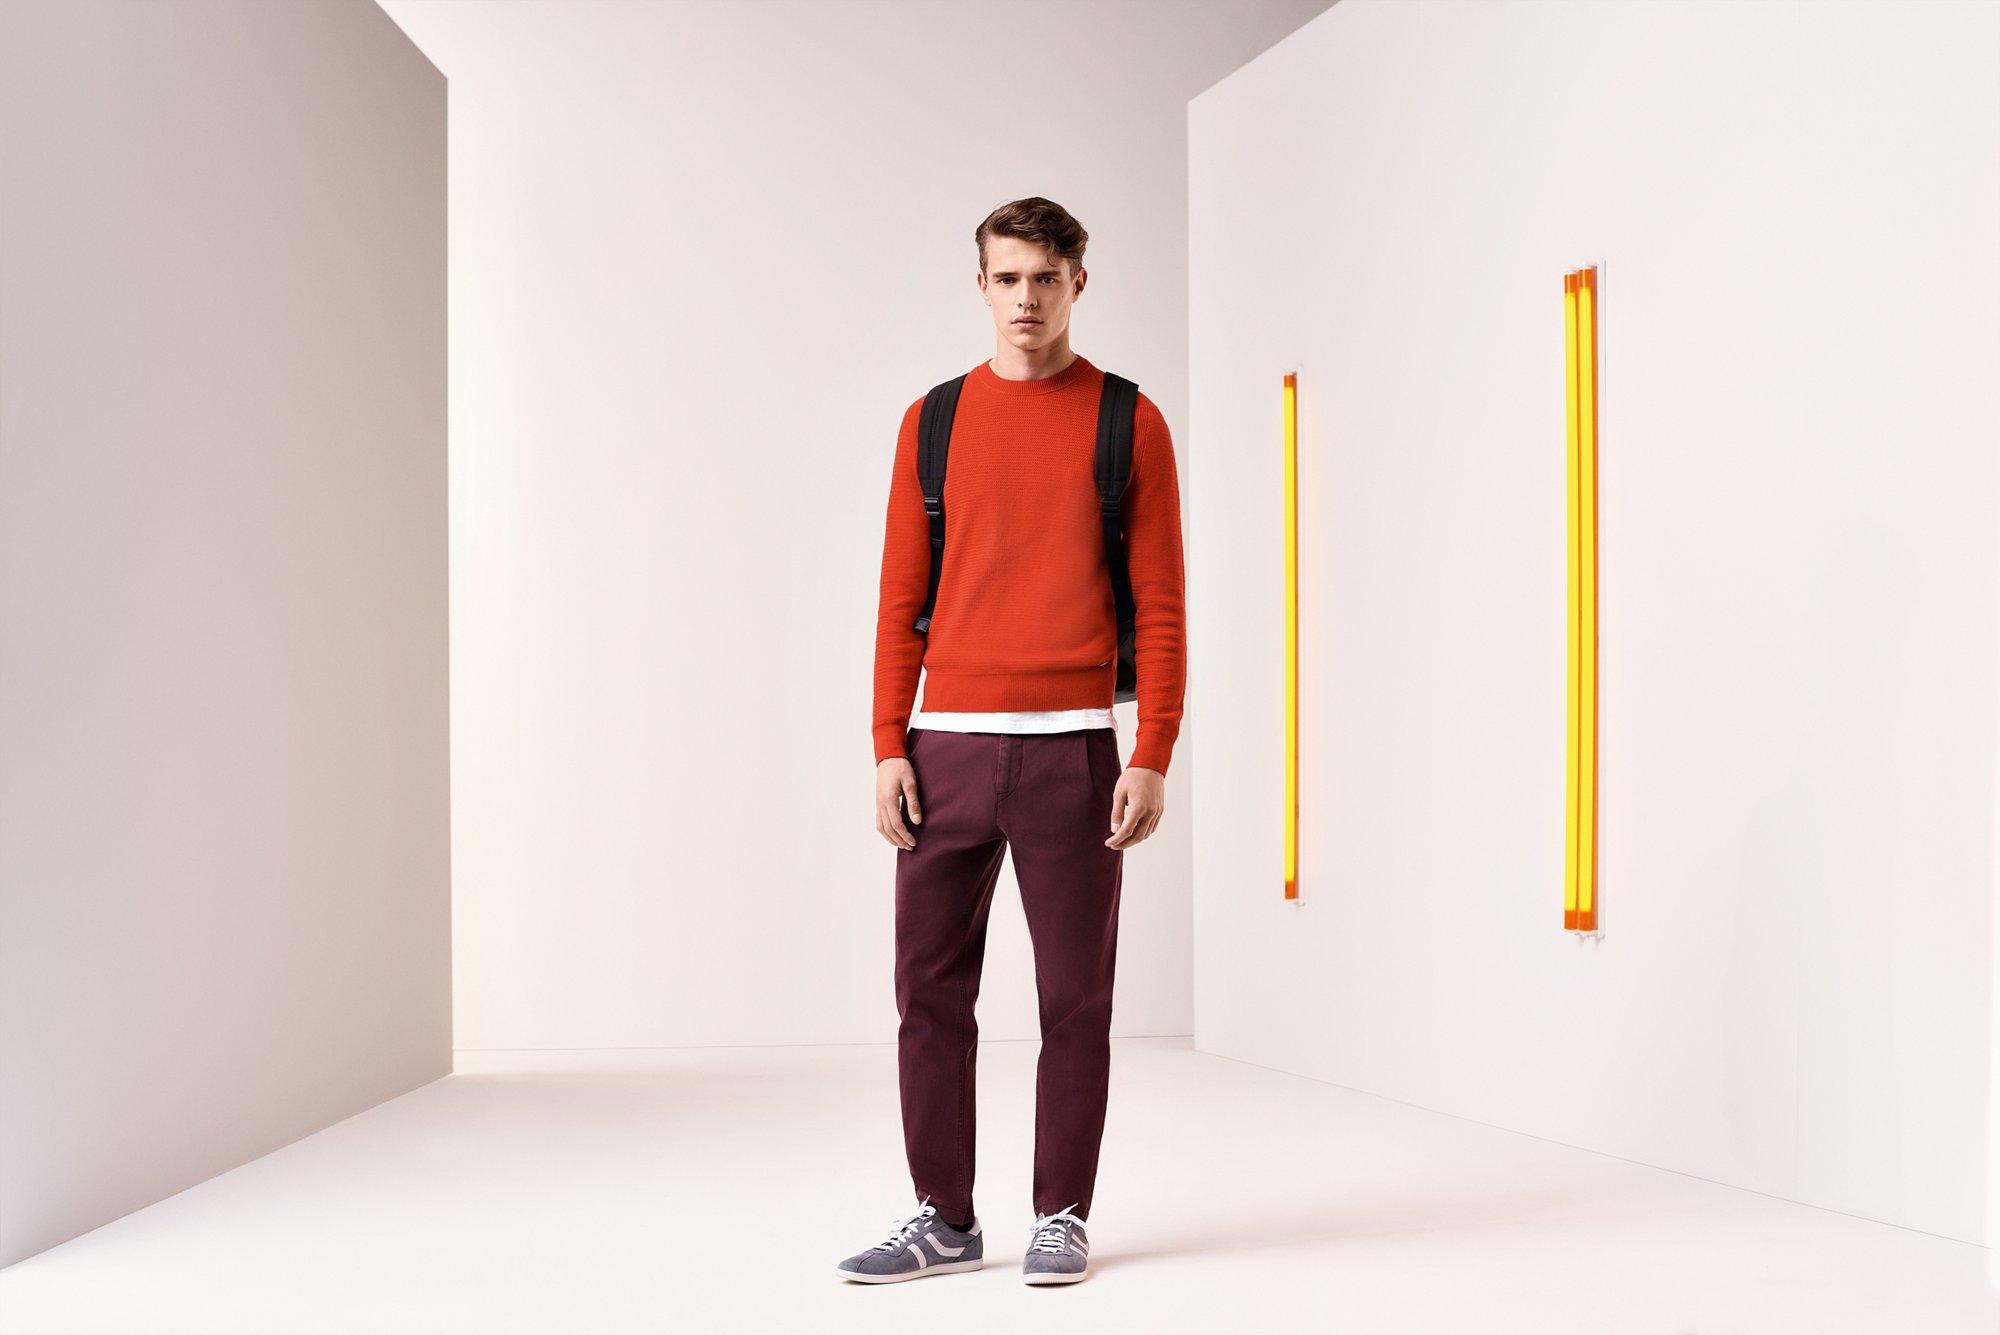 不论是抵御寒冬还是搭配正装套装,BOSS Orange以优质面料和精致剪裁完美融合,带你演绎全新男士穿搭风格